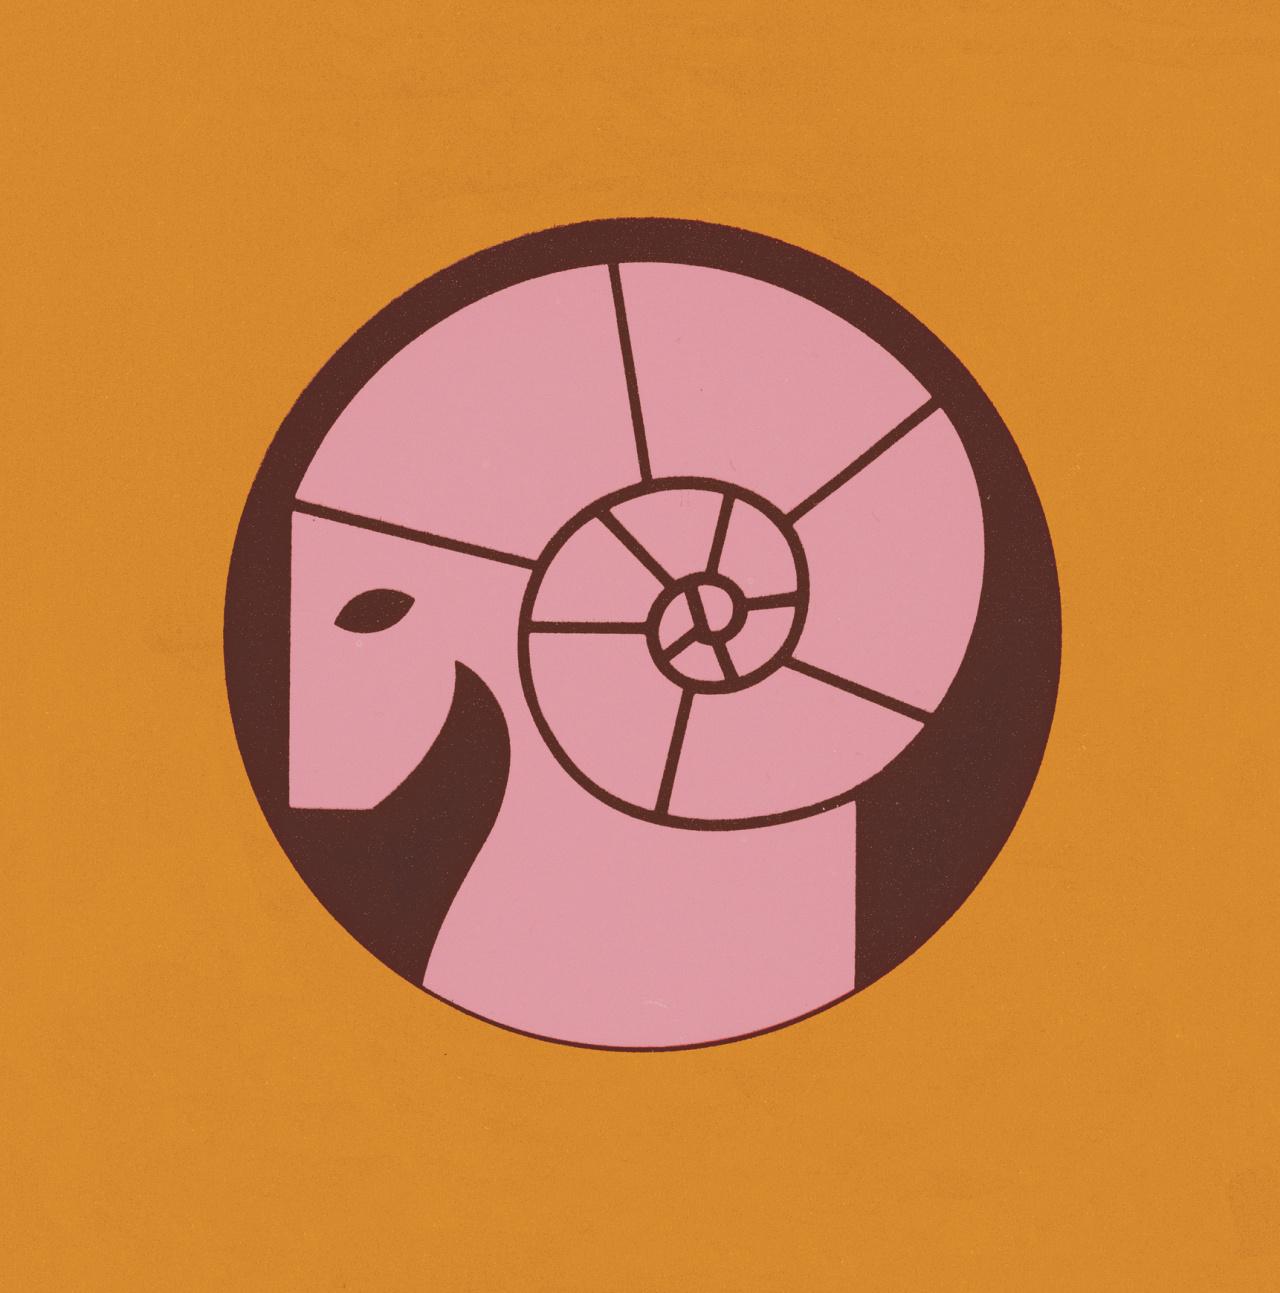 Znaki zodiaku - dopasowanie. Wyjaśniamy, jakie znaki